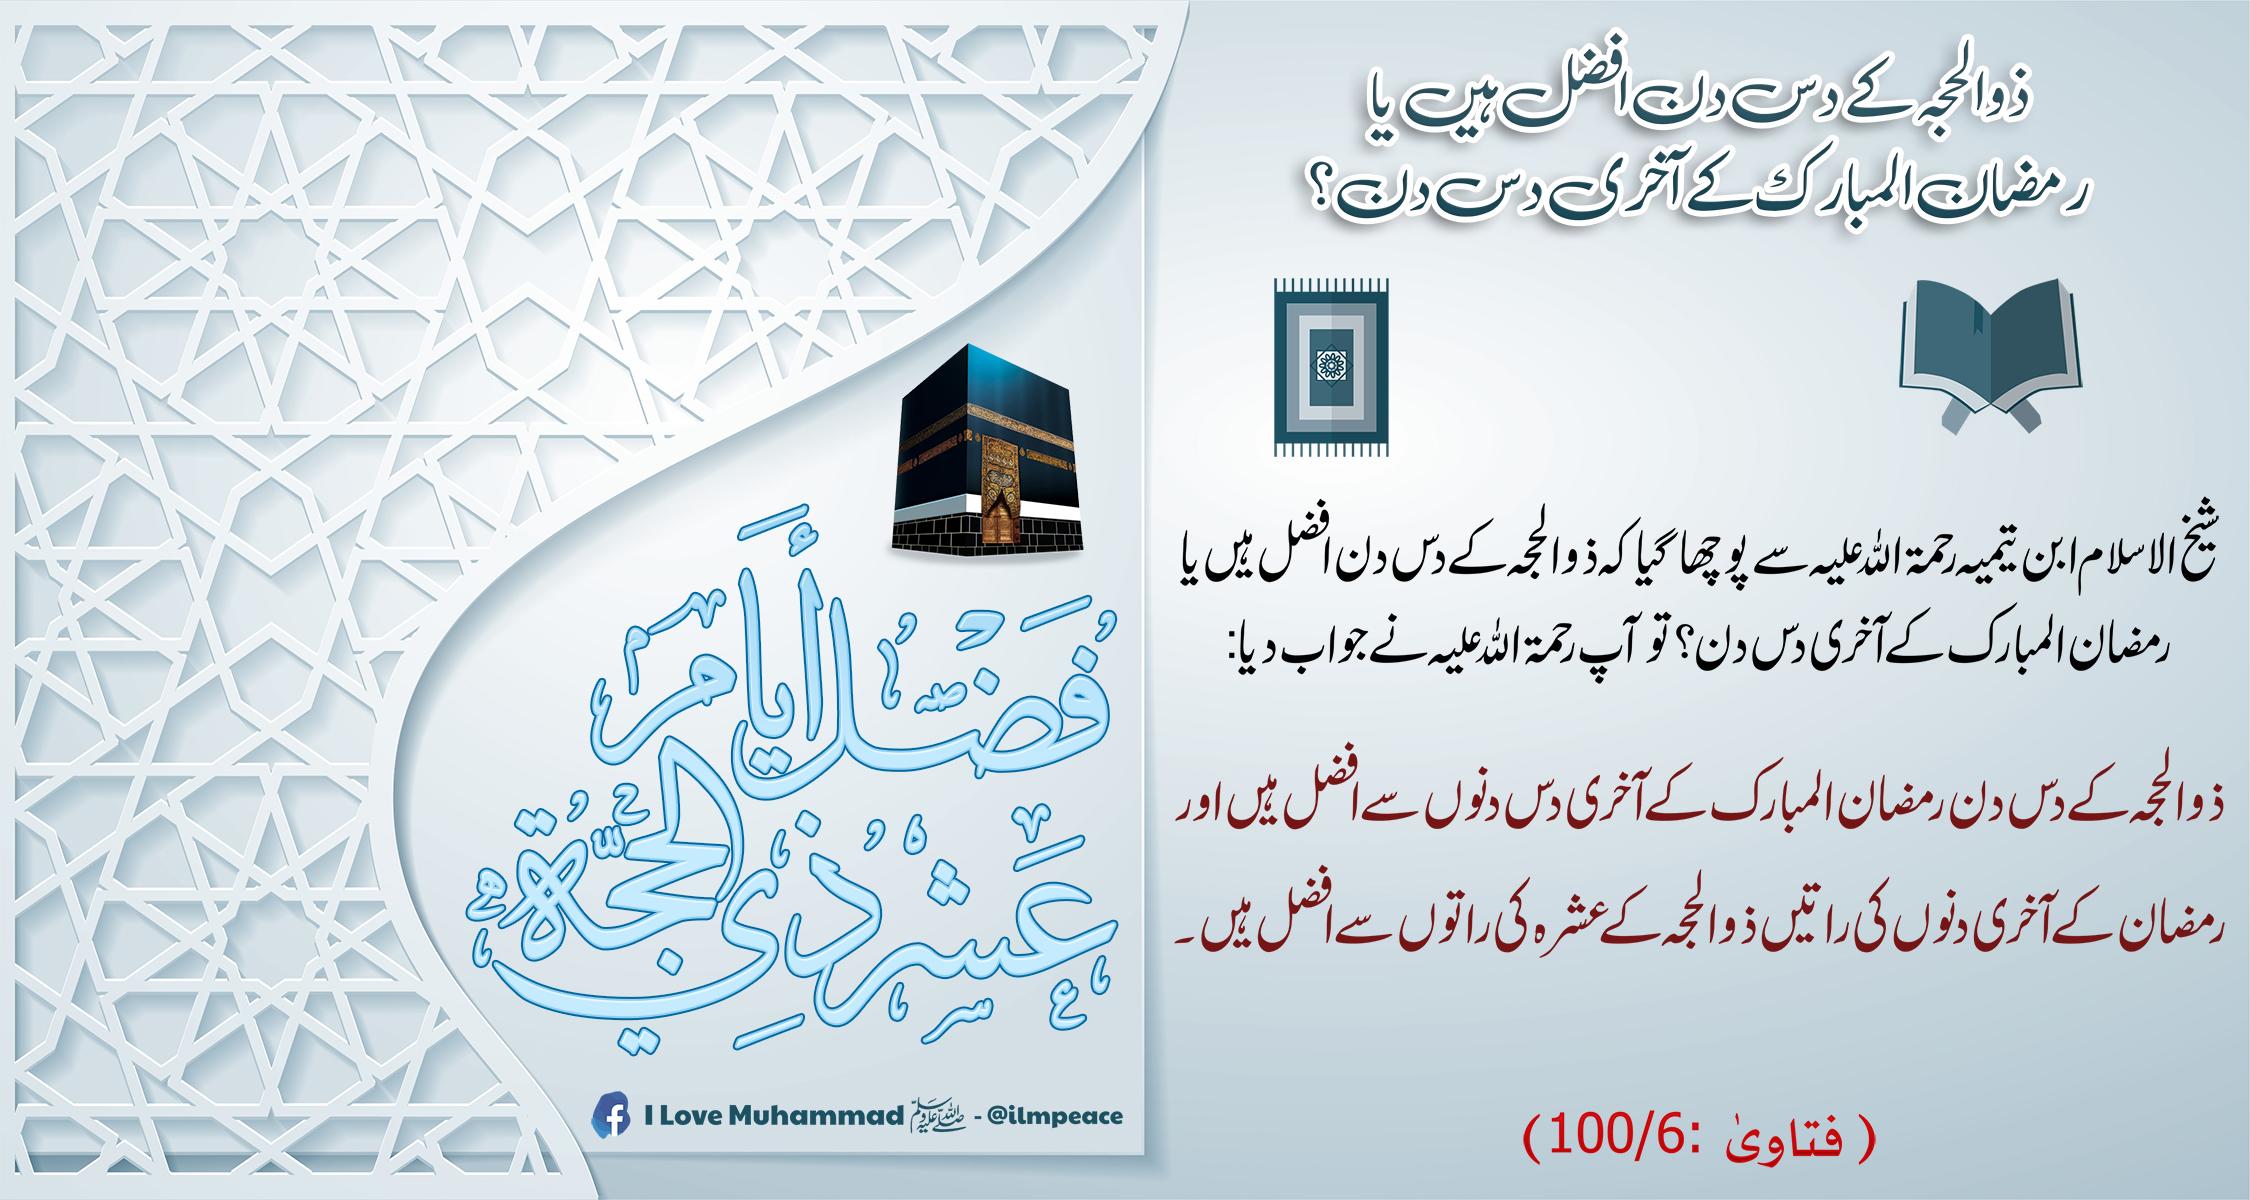 ذوالحجہ کے دس دن افضل ہیں یا رمضان المبارک کے آخری دس دن؟ JPG.jpg